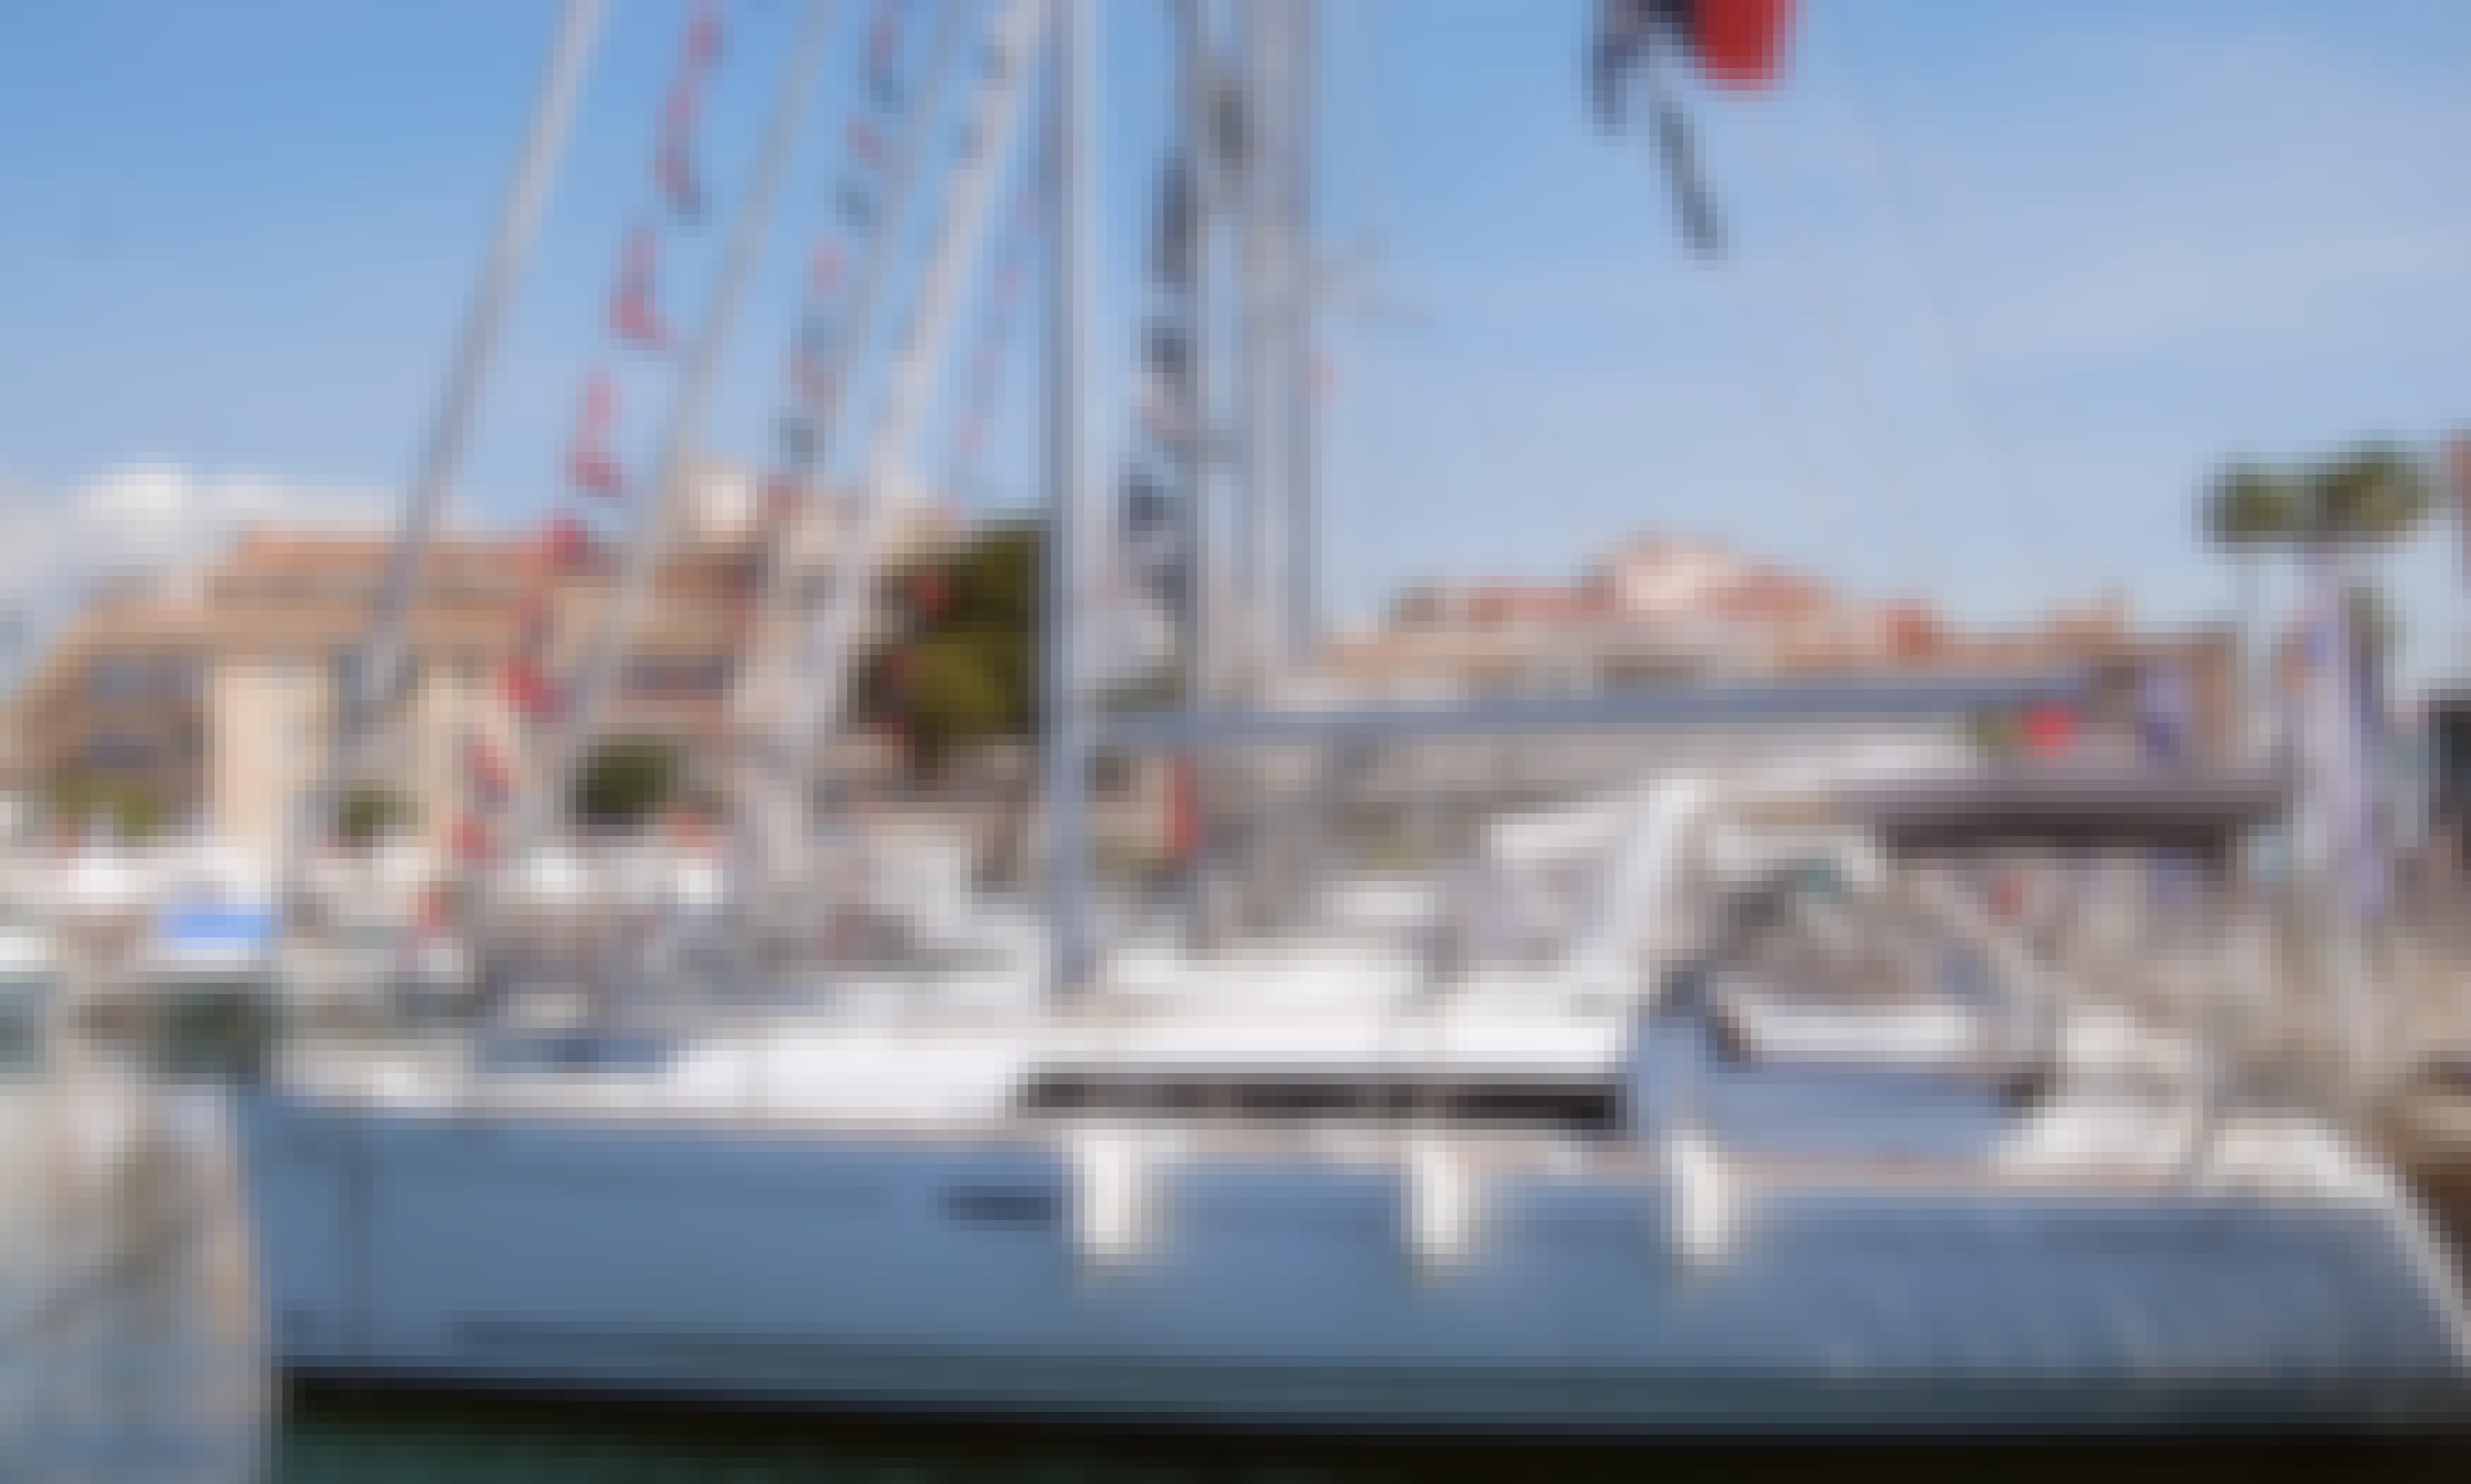 Charter this Beneteau Oceanis 31 Sailboat in l'estartit, Costa Brava.